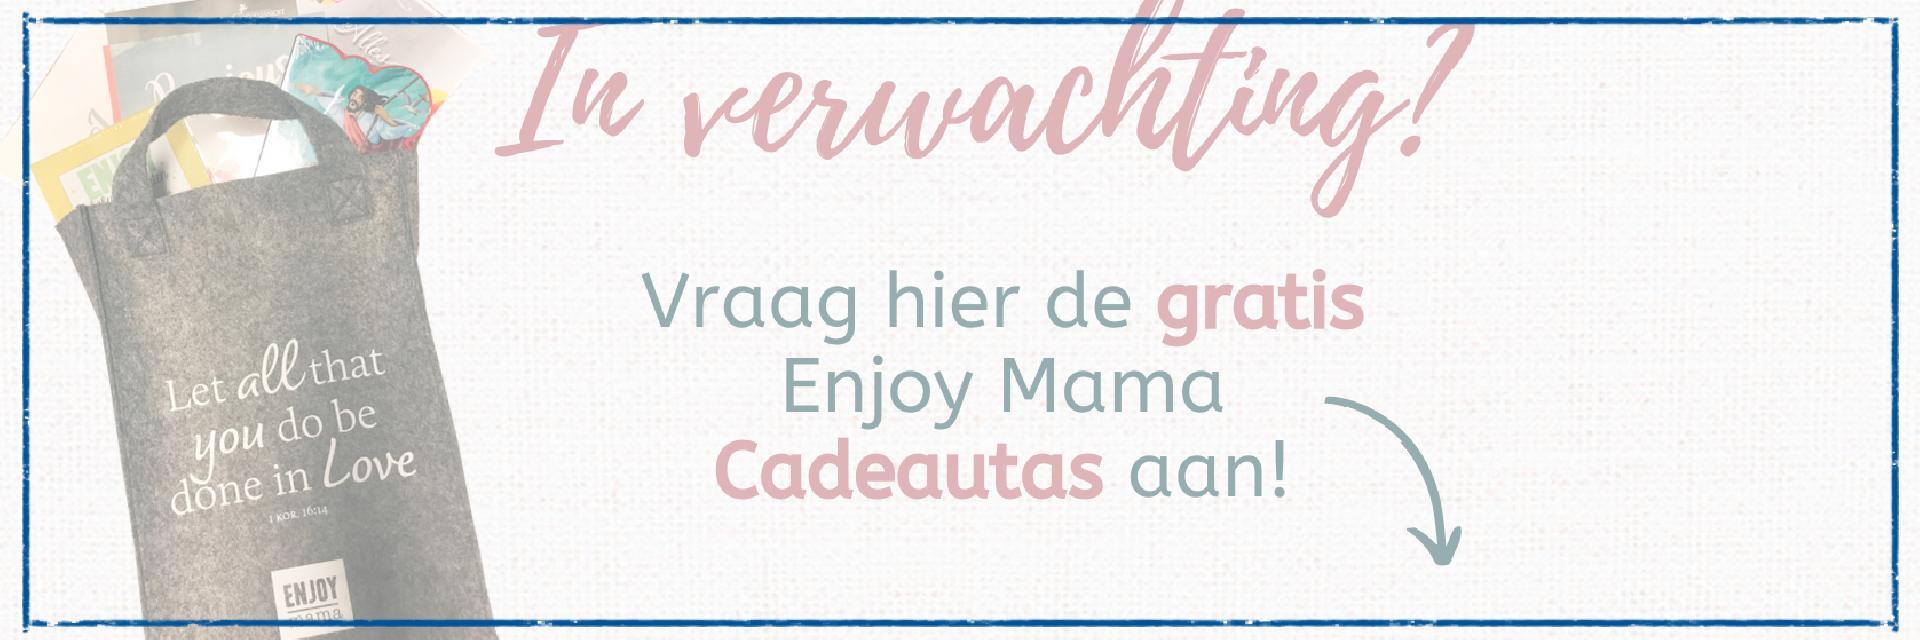 EnjoyMama Cadeautas - Voor als je in verwachting bent!